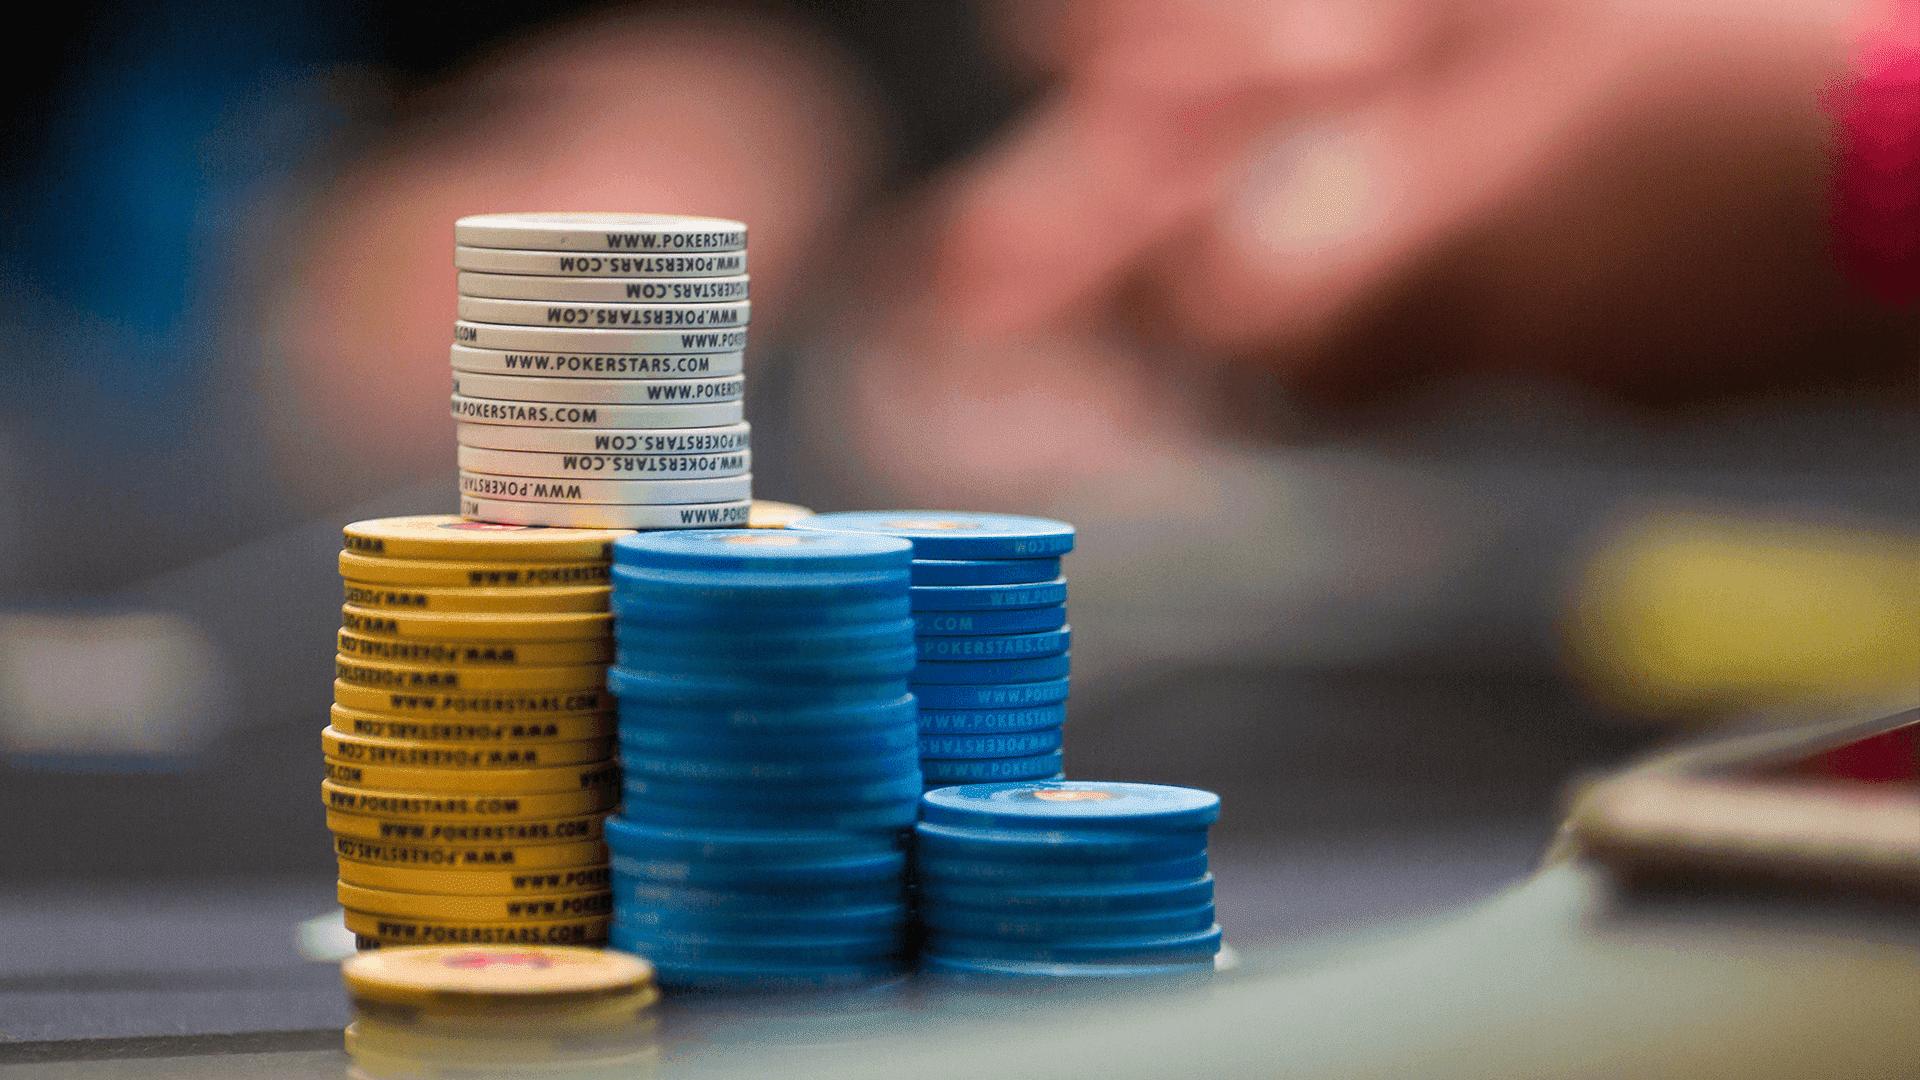 PokerStars  deposit bonuses